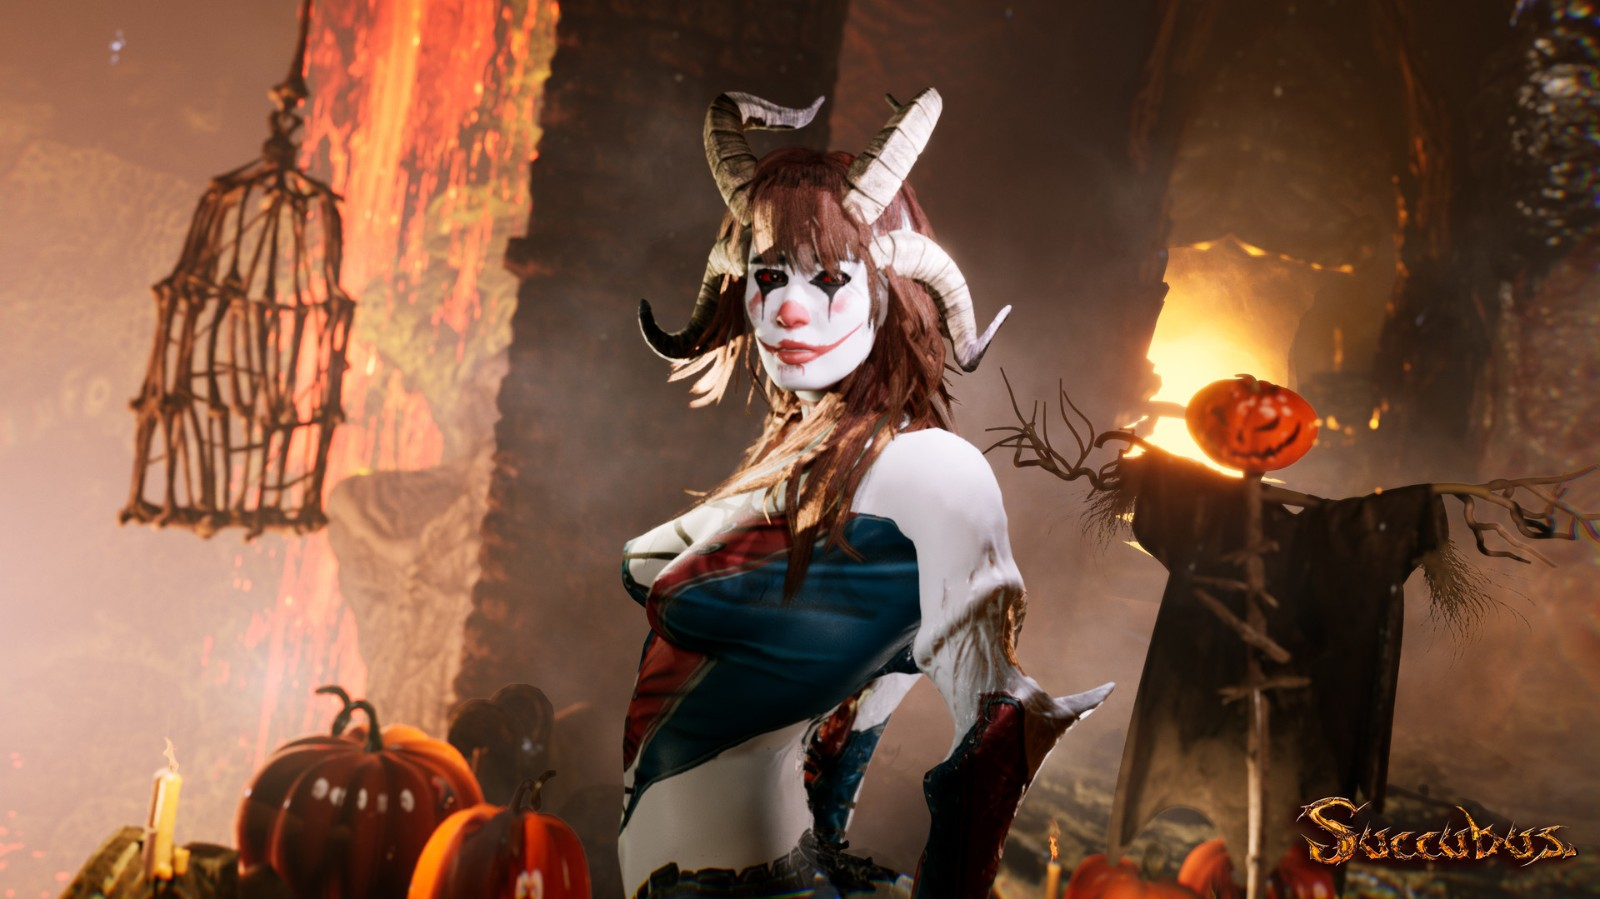 《魅魔》跳票至9月8日发售 为了优化改进游戏